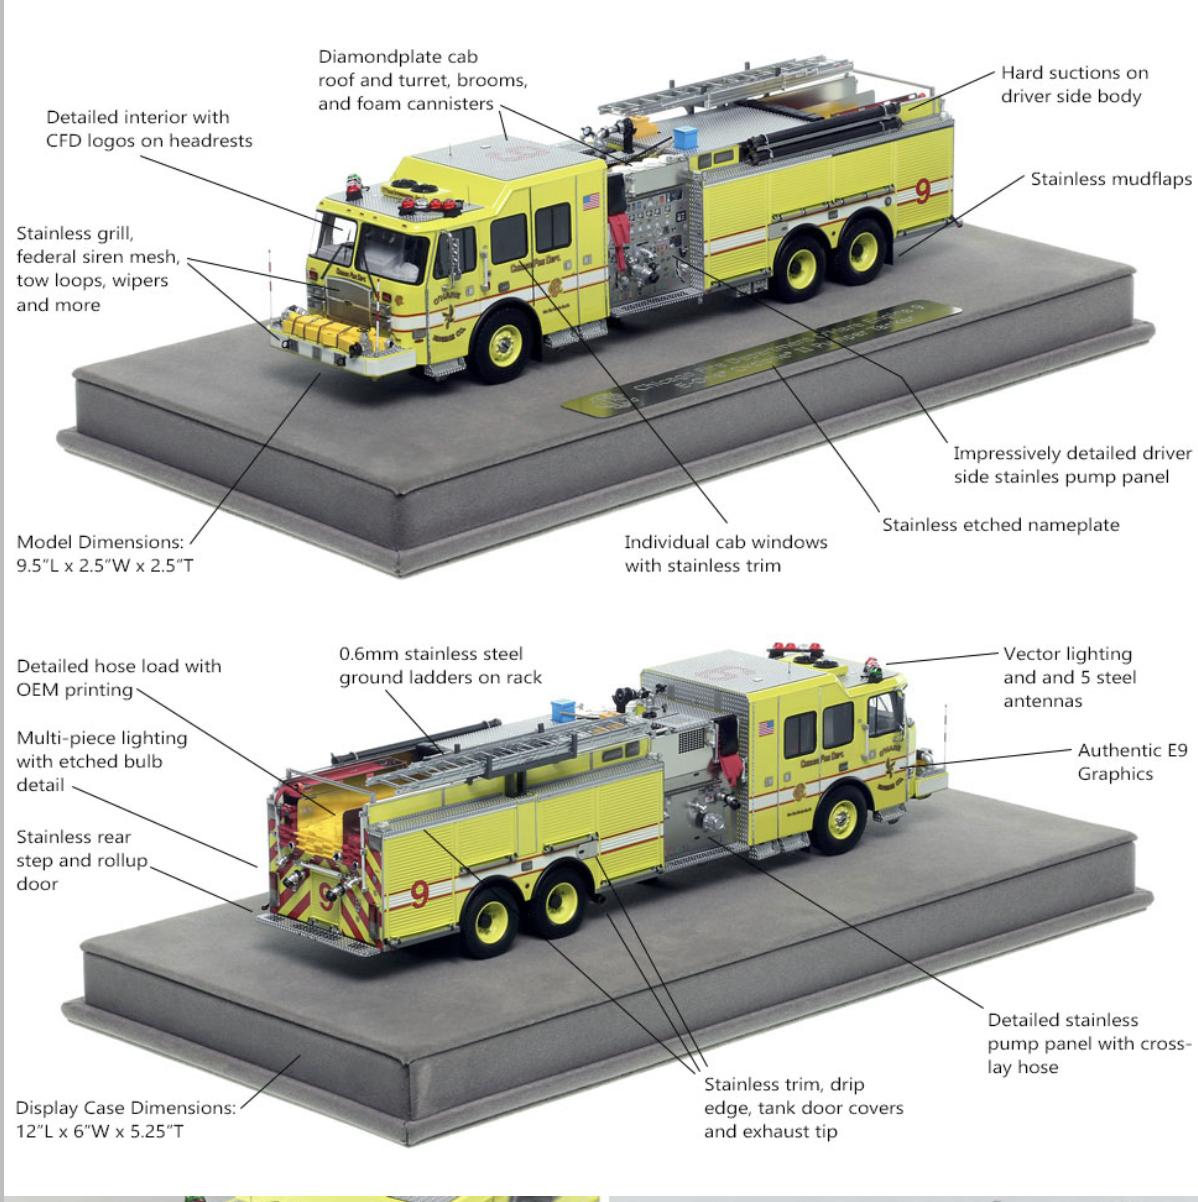 Fire Replicas model of CHICAGO O'HARE INTERNATIONAL AIRPORT 2014 E-ONE CYCLONE II - ENGINE 9